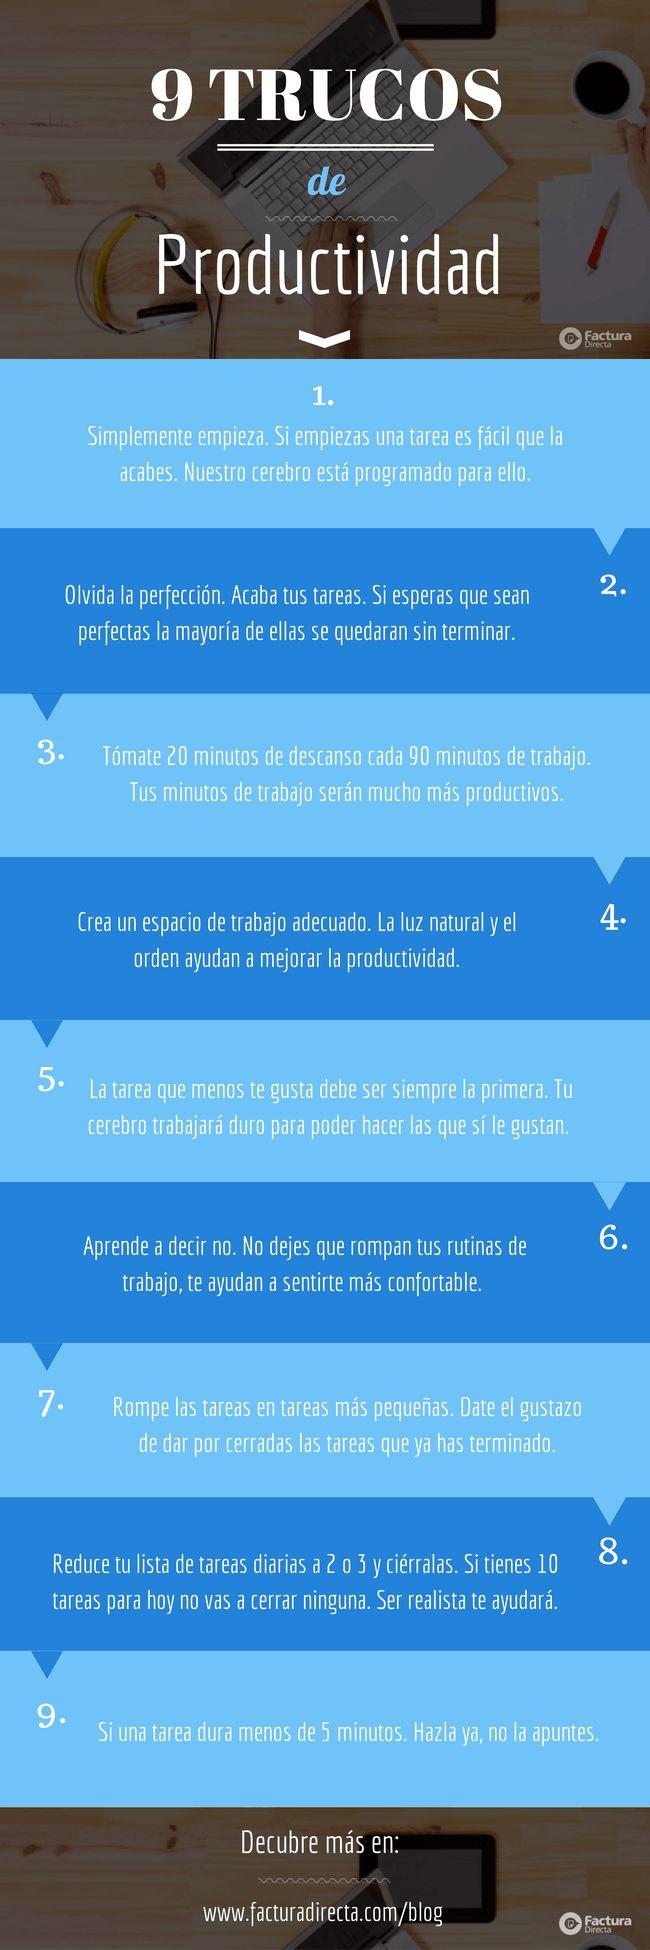 9 trucos de productividad #infografia #infographic #productividad